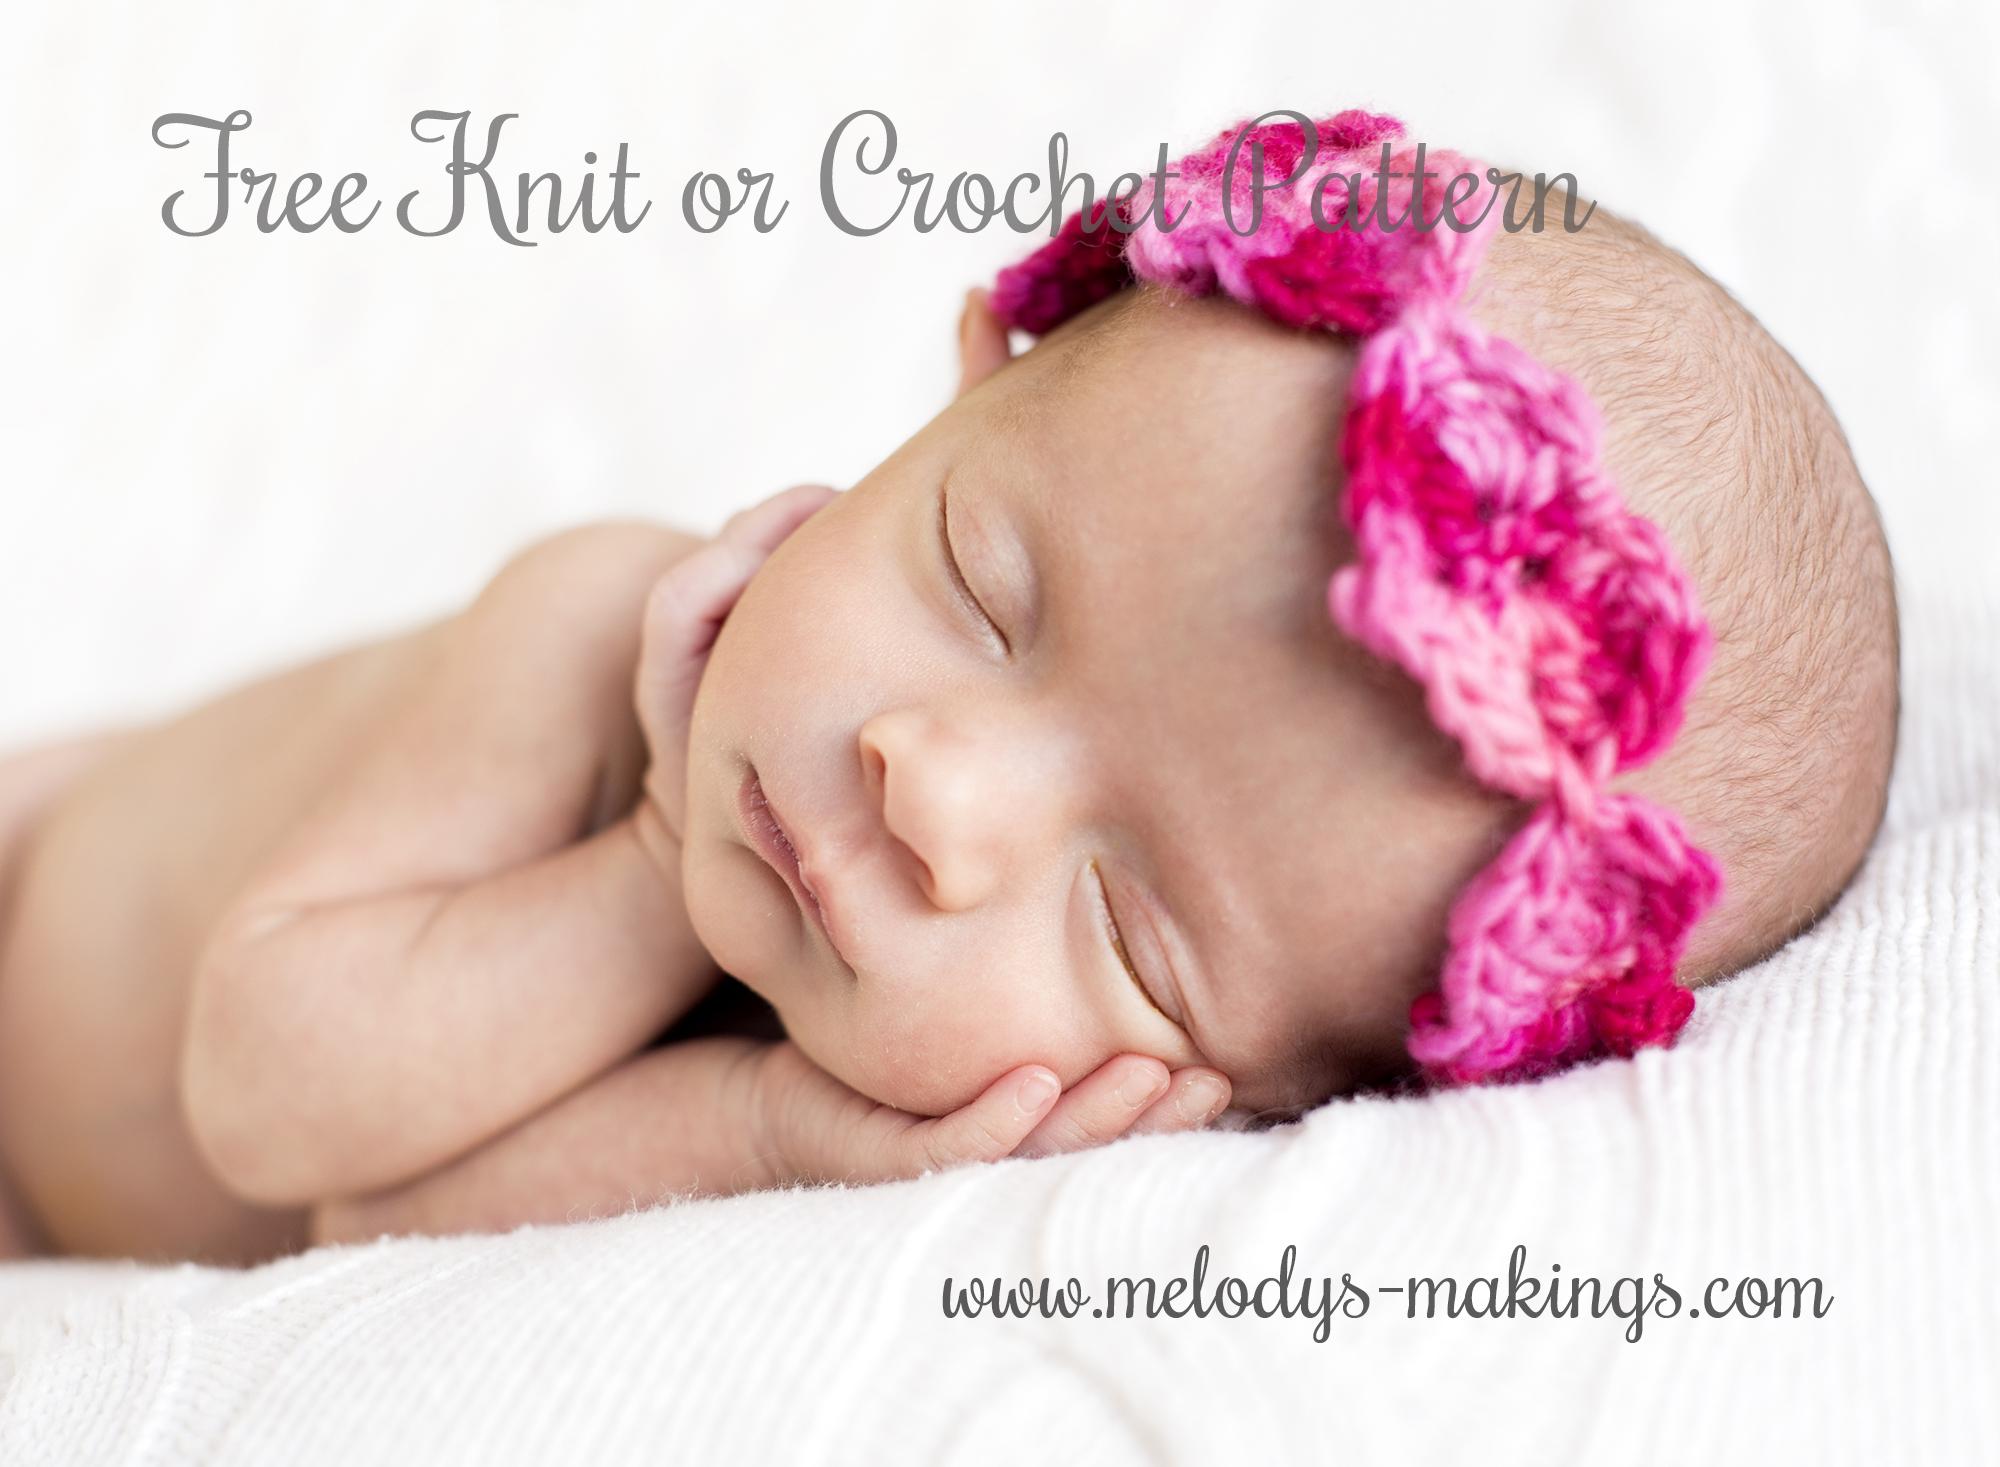 Free Knit or Crochet Heart Headband Pattern   Melody\'s Makings